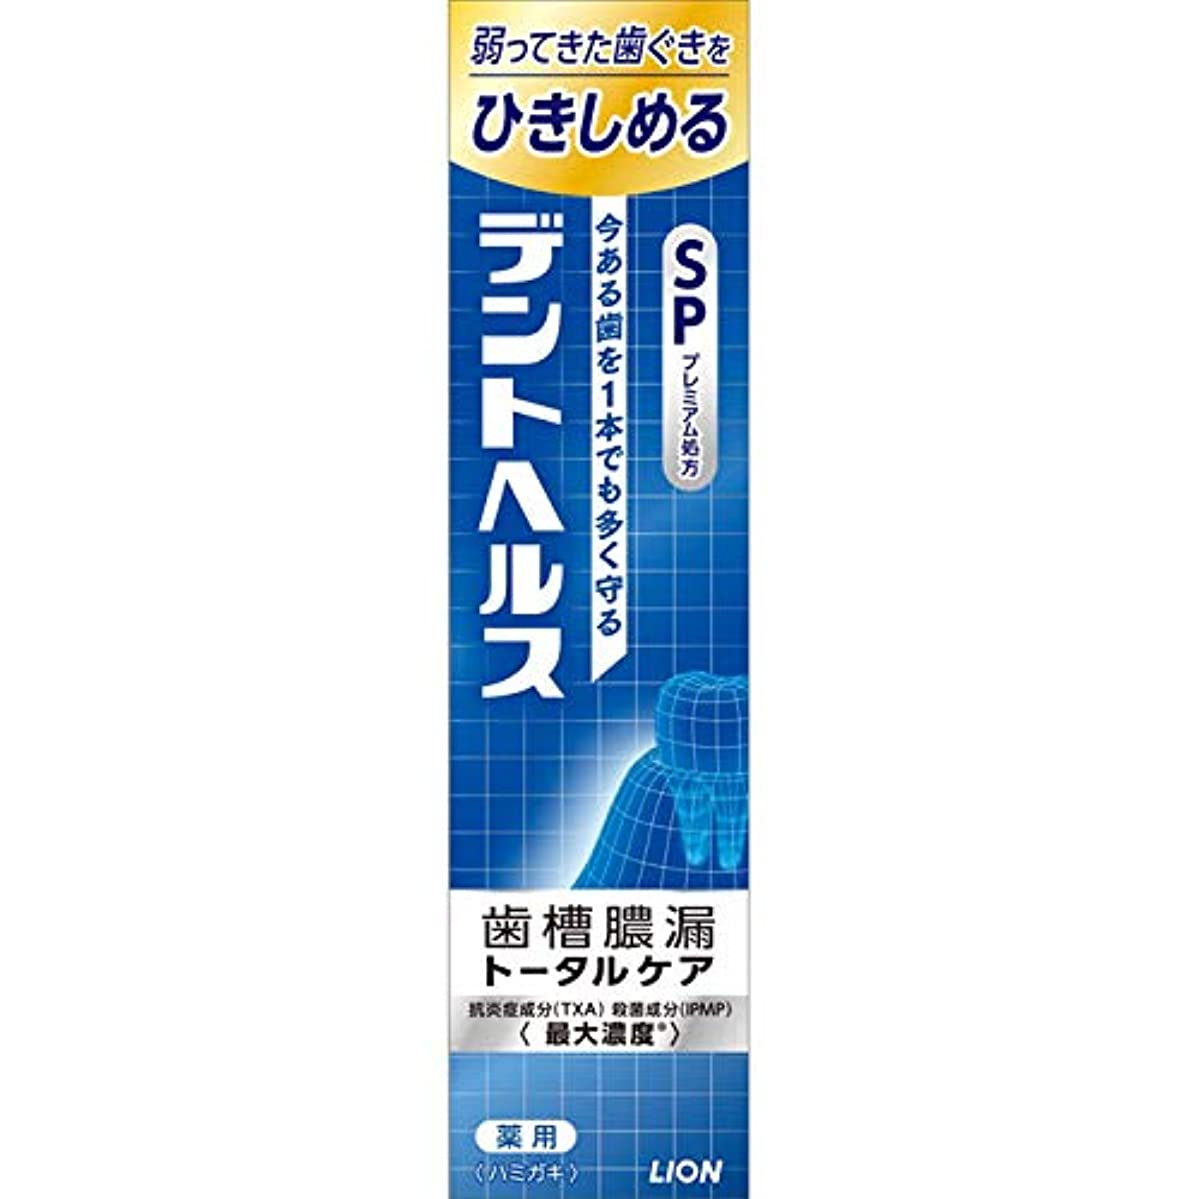 交渉するフィード胃ライオン デントヘルス 薬用ハミガキ SP 120g (医薬部外品)